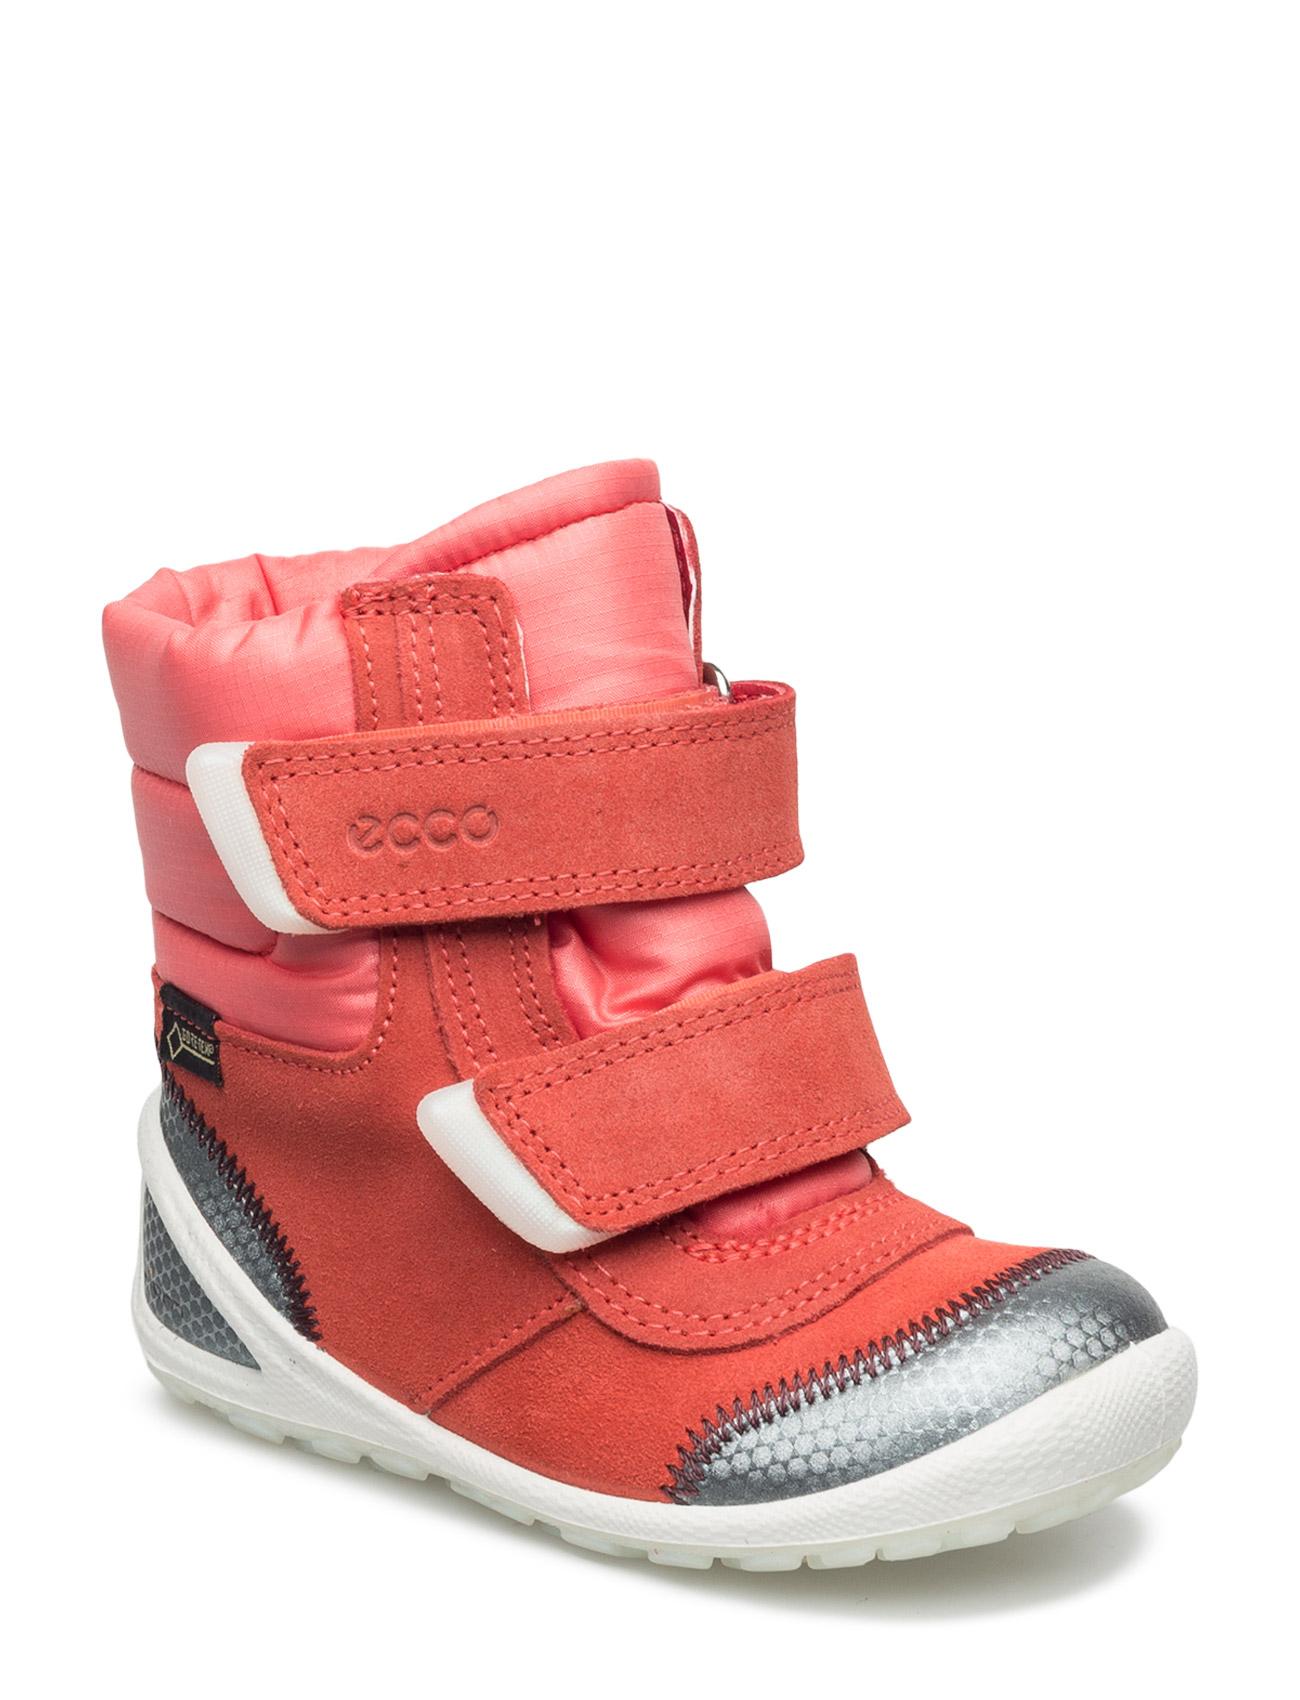 ECCO Biom lite vinterstøvler Rosa Børn forhandler på mode